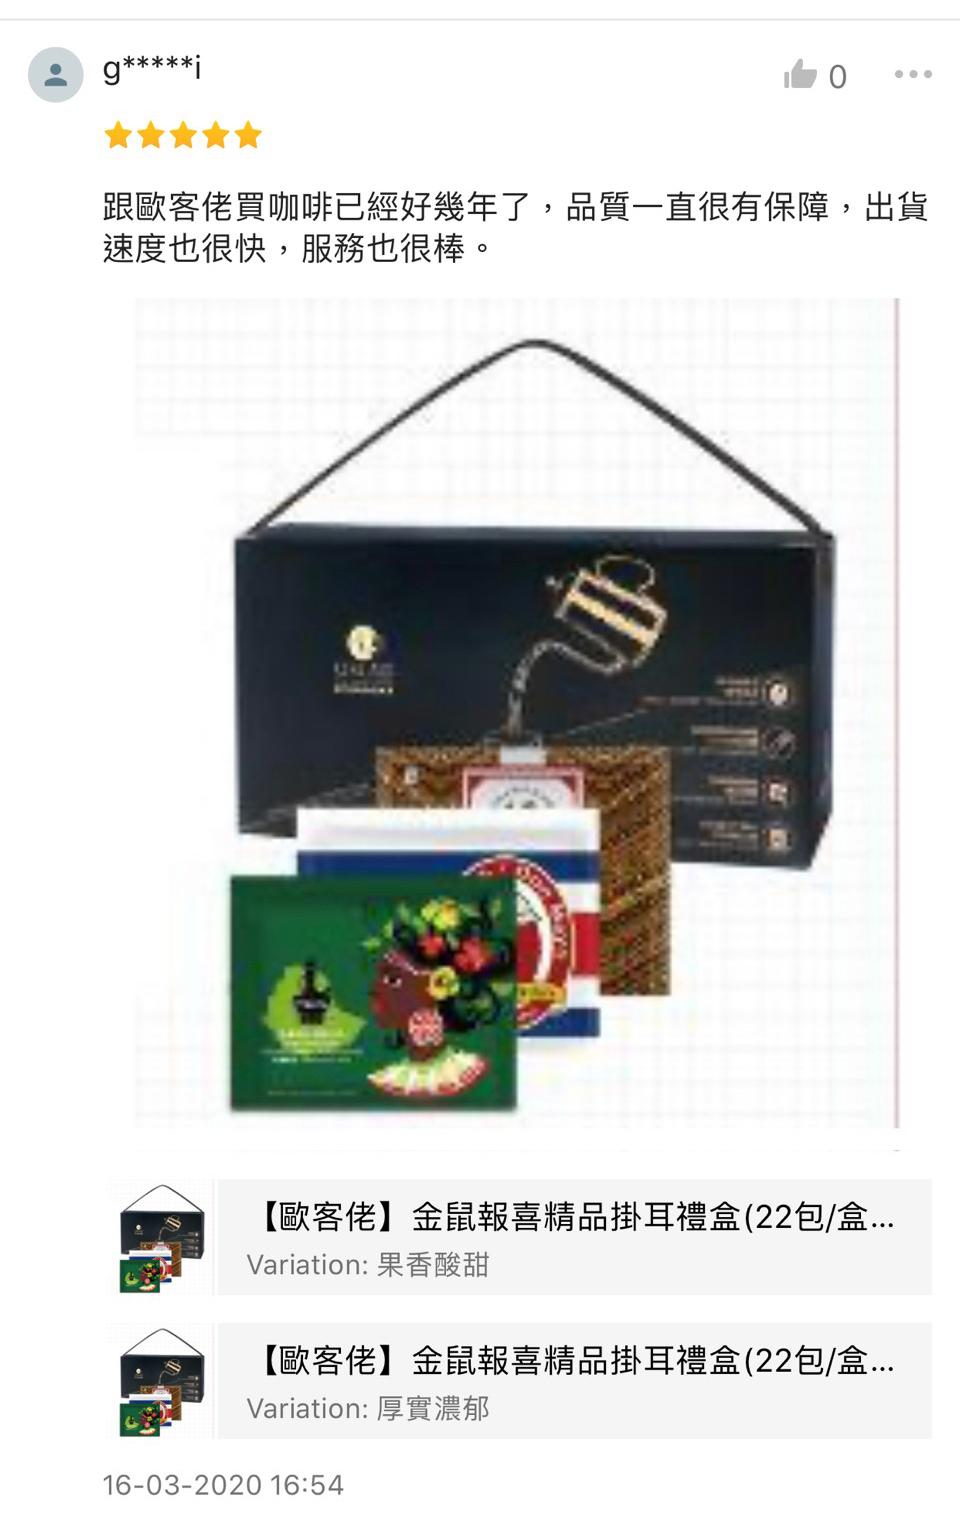 【歐客佬】金鼠報喜精品掛耳禮盒(22包/盒)附提繩 (商品貨號:44010158/44010159) OKLAO 跟歐客佬買咖啡已經好幾年了,品質一直很有保障,出貨速度也很快,服務也很棒。